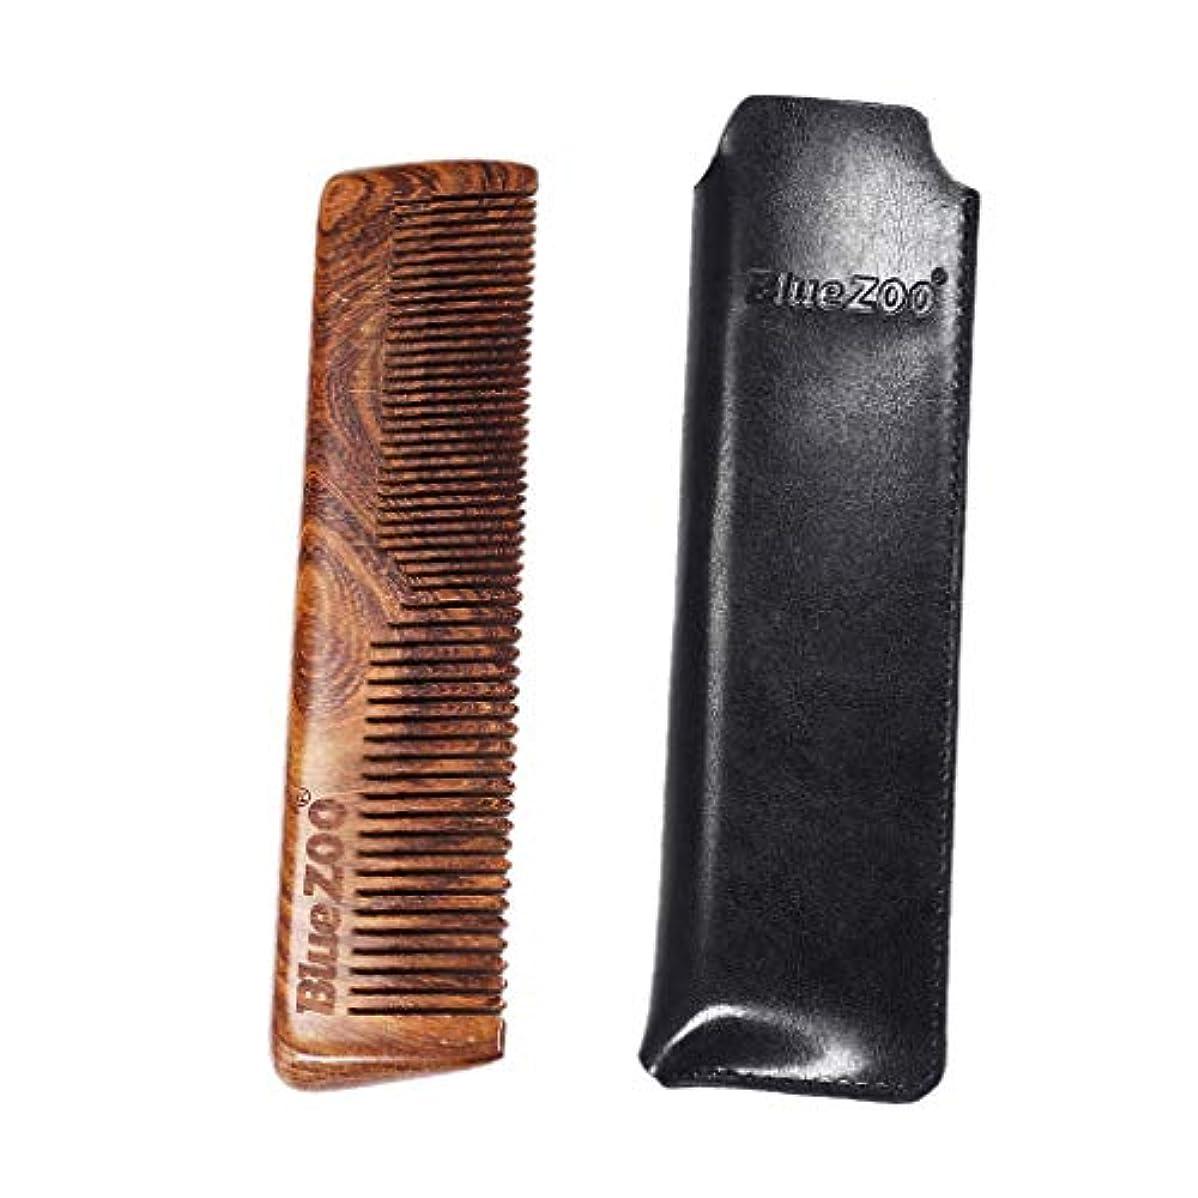 テクトニック笑マントToygogo 手作りサンダルウッド木製男性のひげ口ひげ顔の毛の櫛グルーミングスタイリングシェーピングツールと男性用理容室用PUケース - ブラック